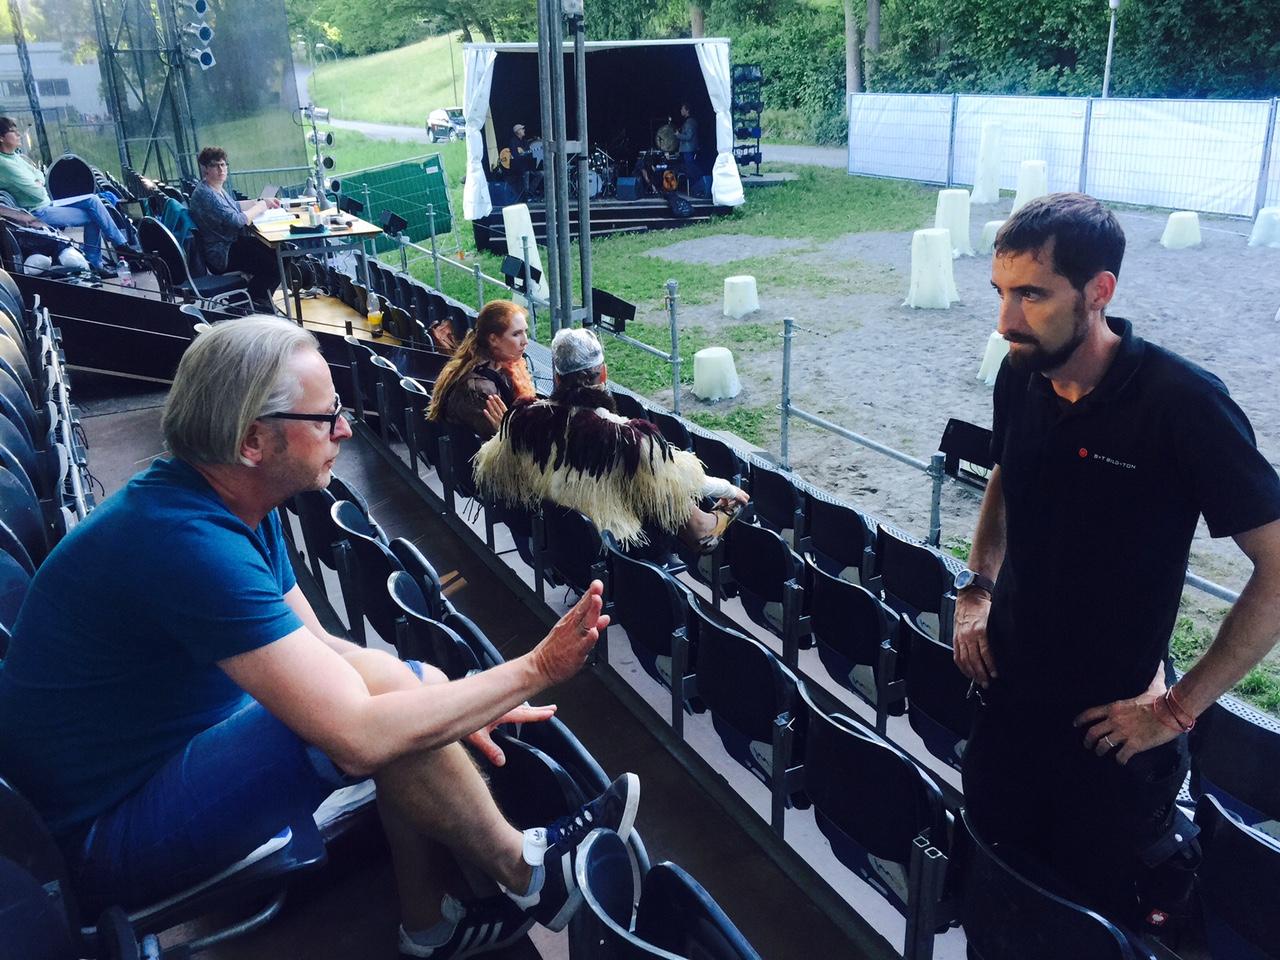 Um ihn dreht sich die ganze Produktion: Christoph Risi spricht mit einem Techniker, im Hintergrund übt die Band, rechts ein Ausschnitt der Bühne.